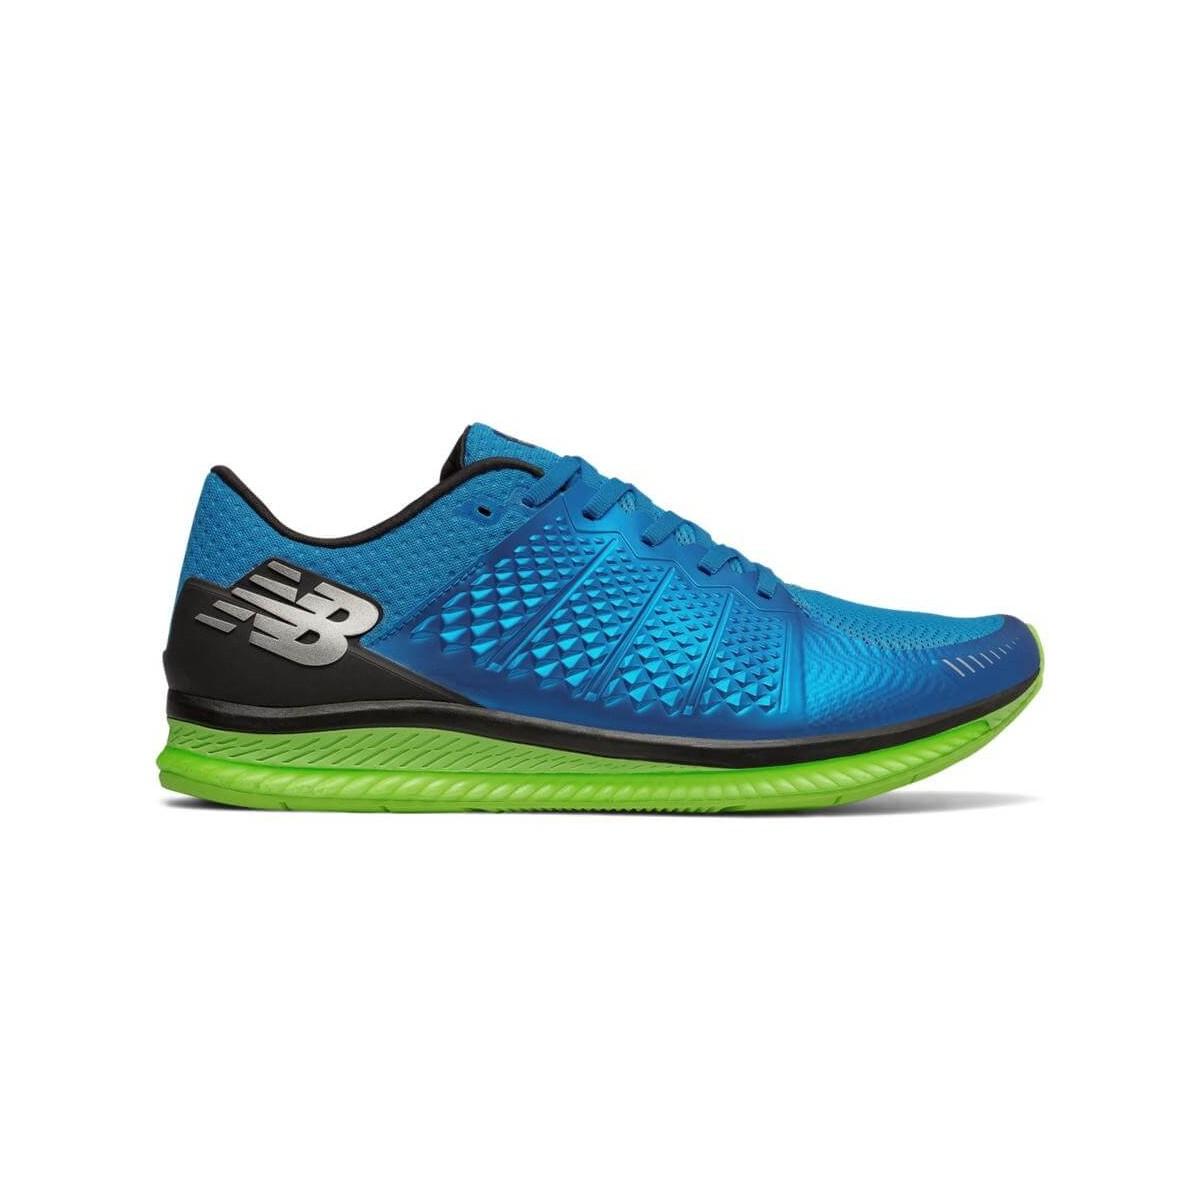 sports shoes 6c5e8 81546 New Balance 1400v5 Azul/Verde PV17 - 365 Rider